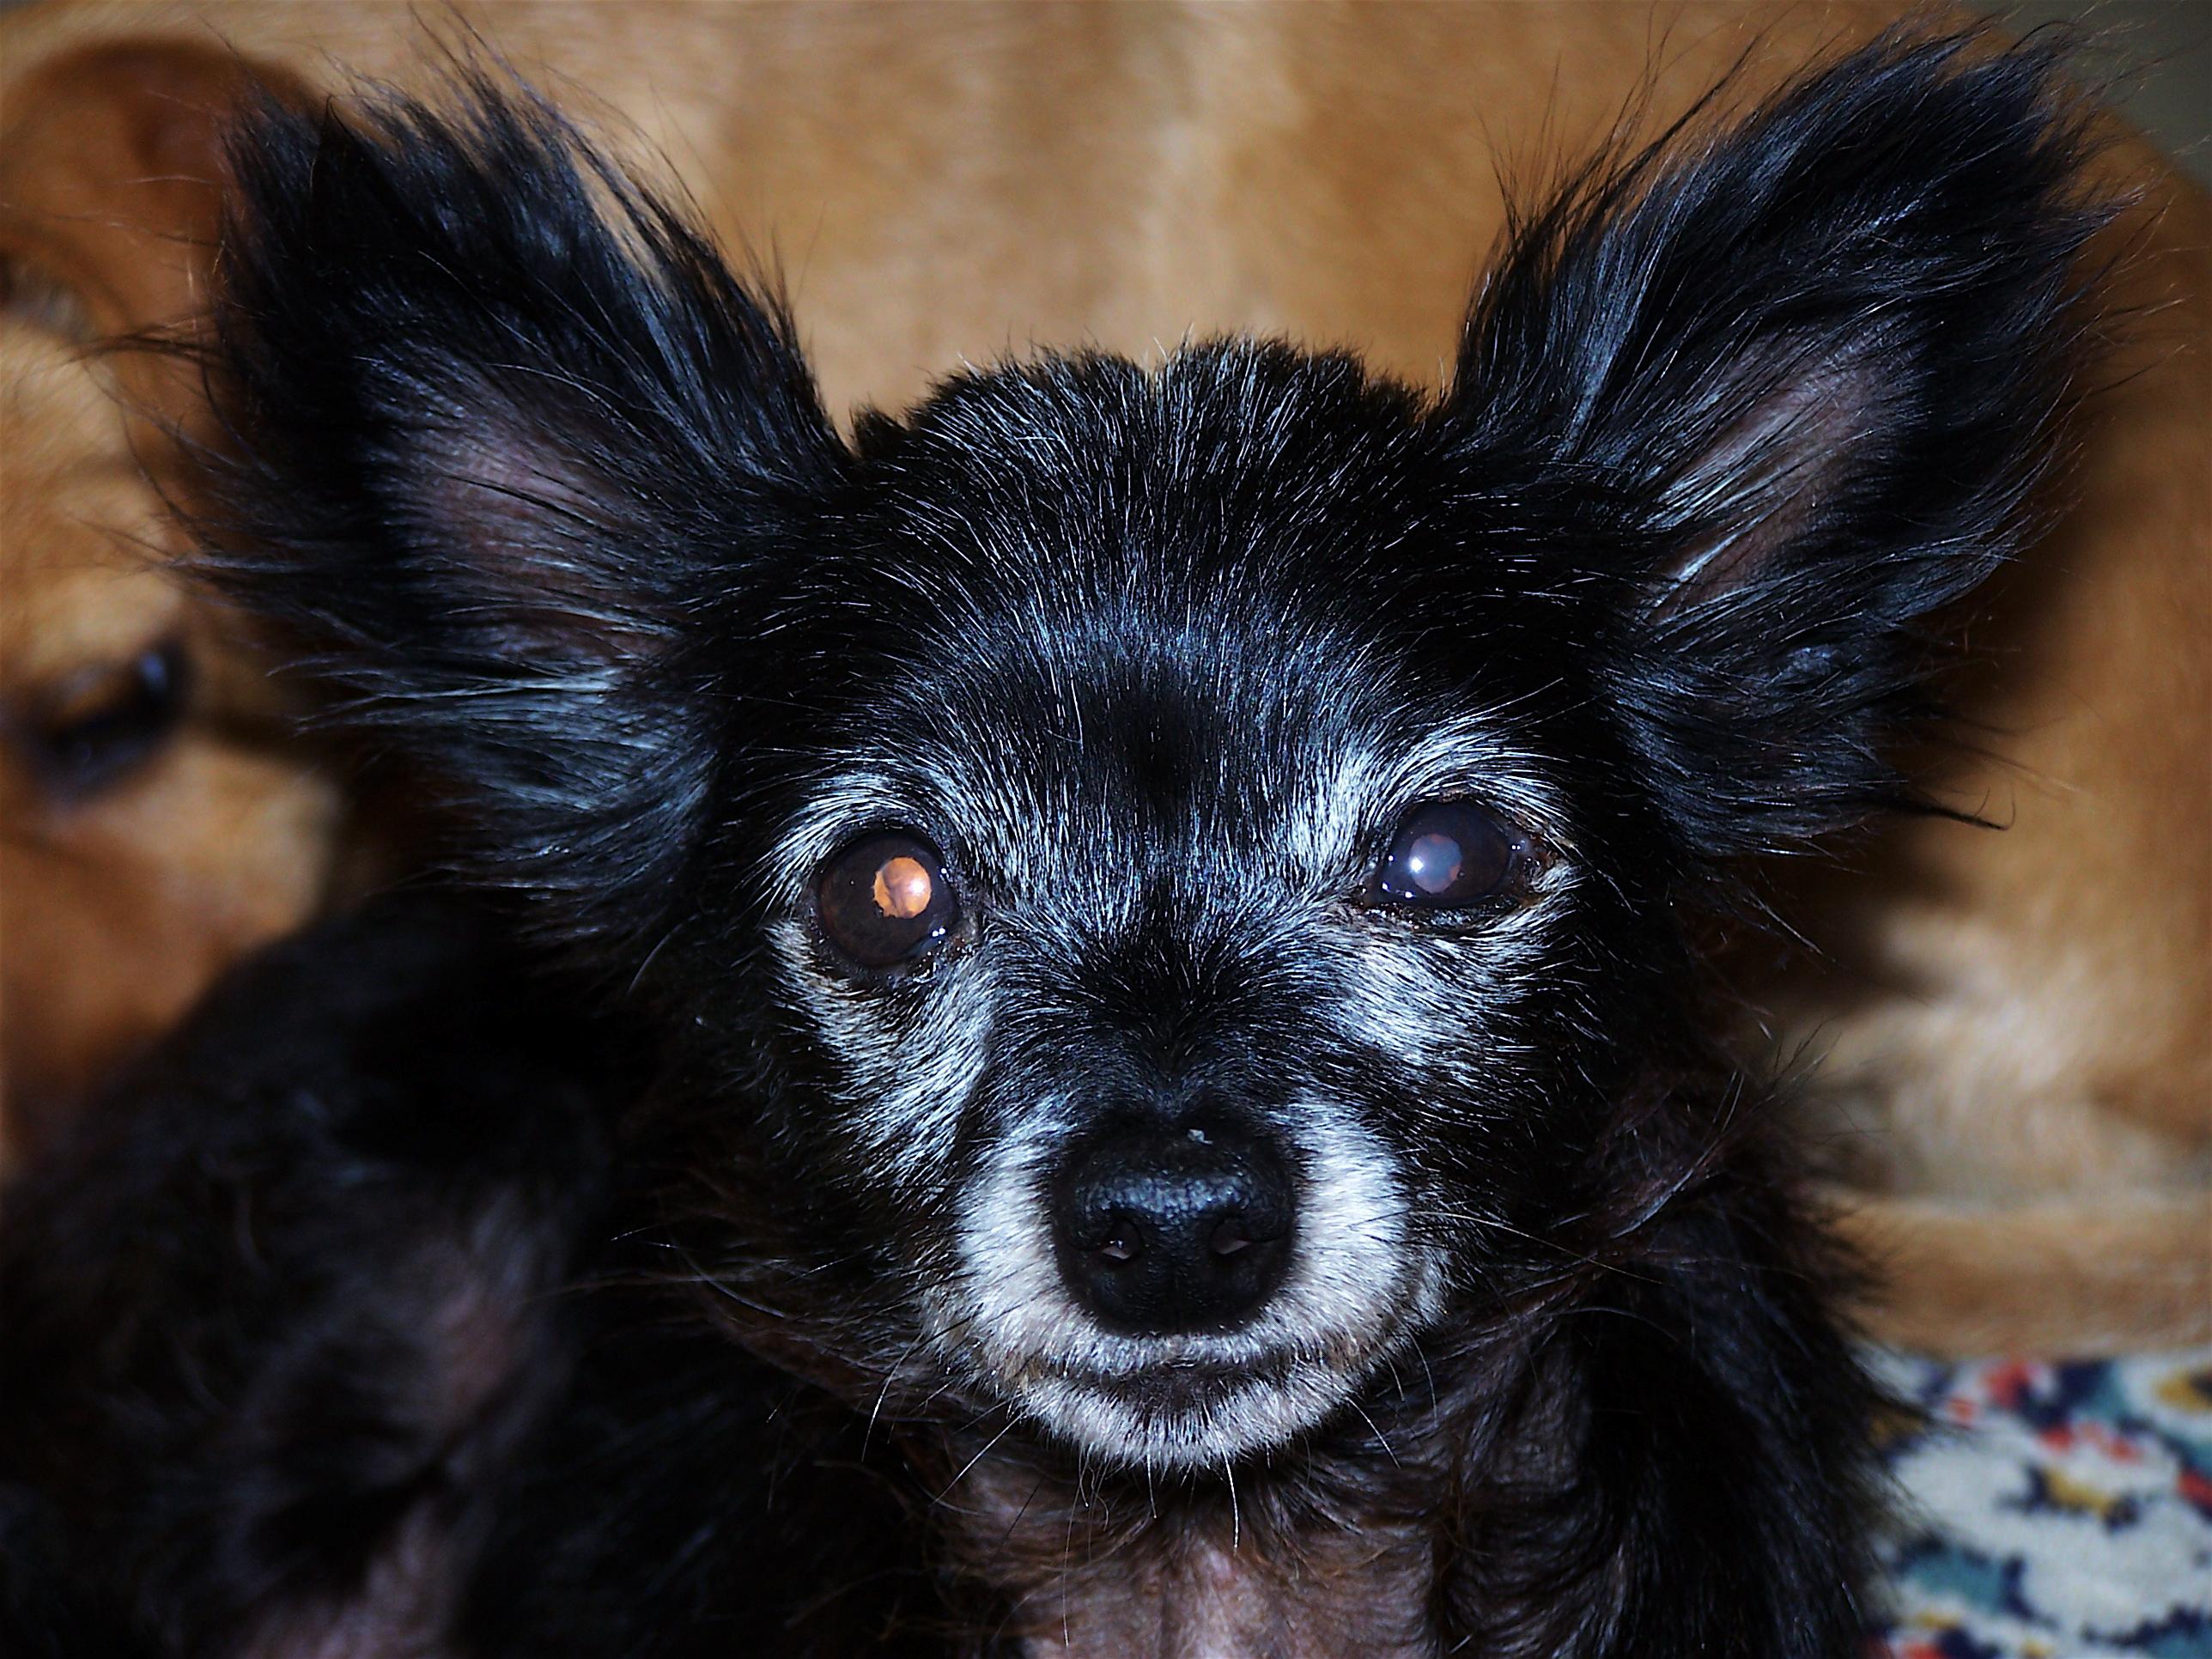 Uzun kulakları olan uzun bir köpek - bu cins nedir